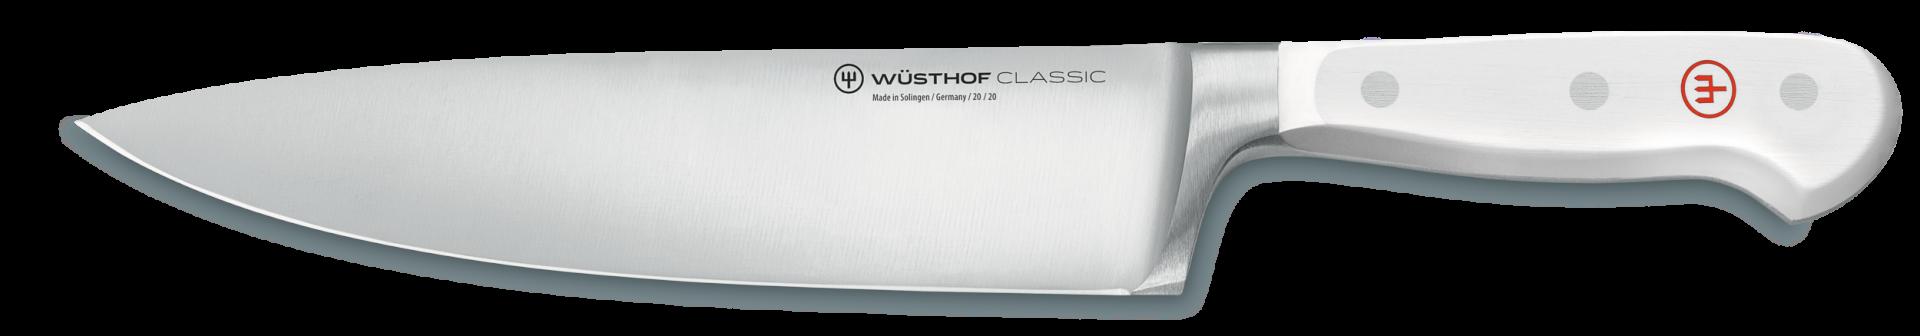 Wüsthof CLASSIC White nôž kuchársky, široký 20 cm